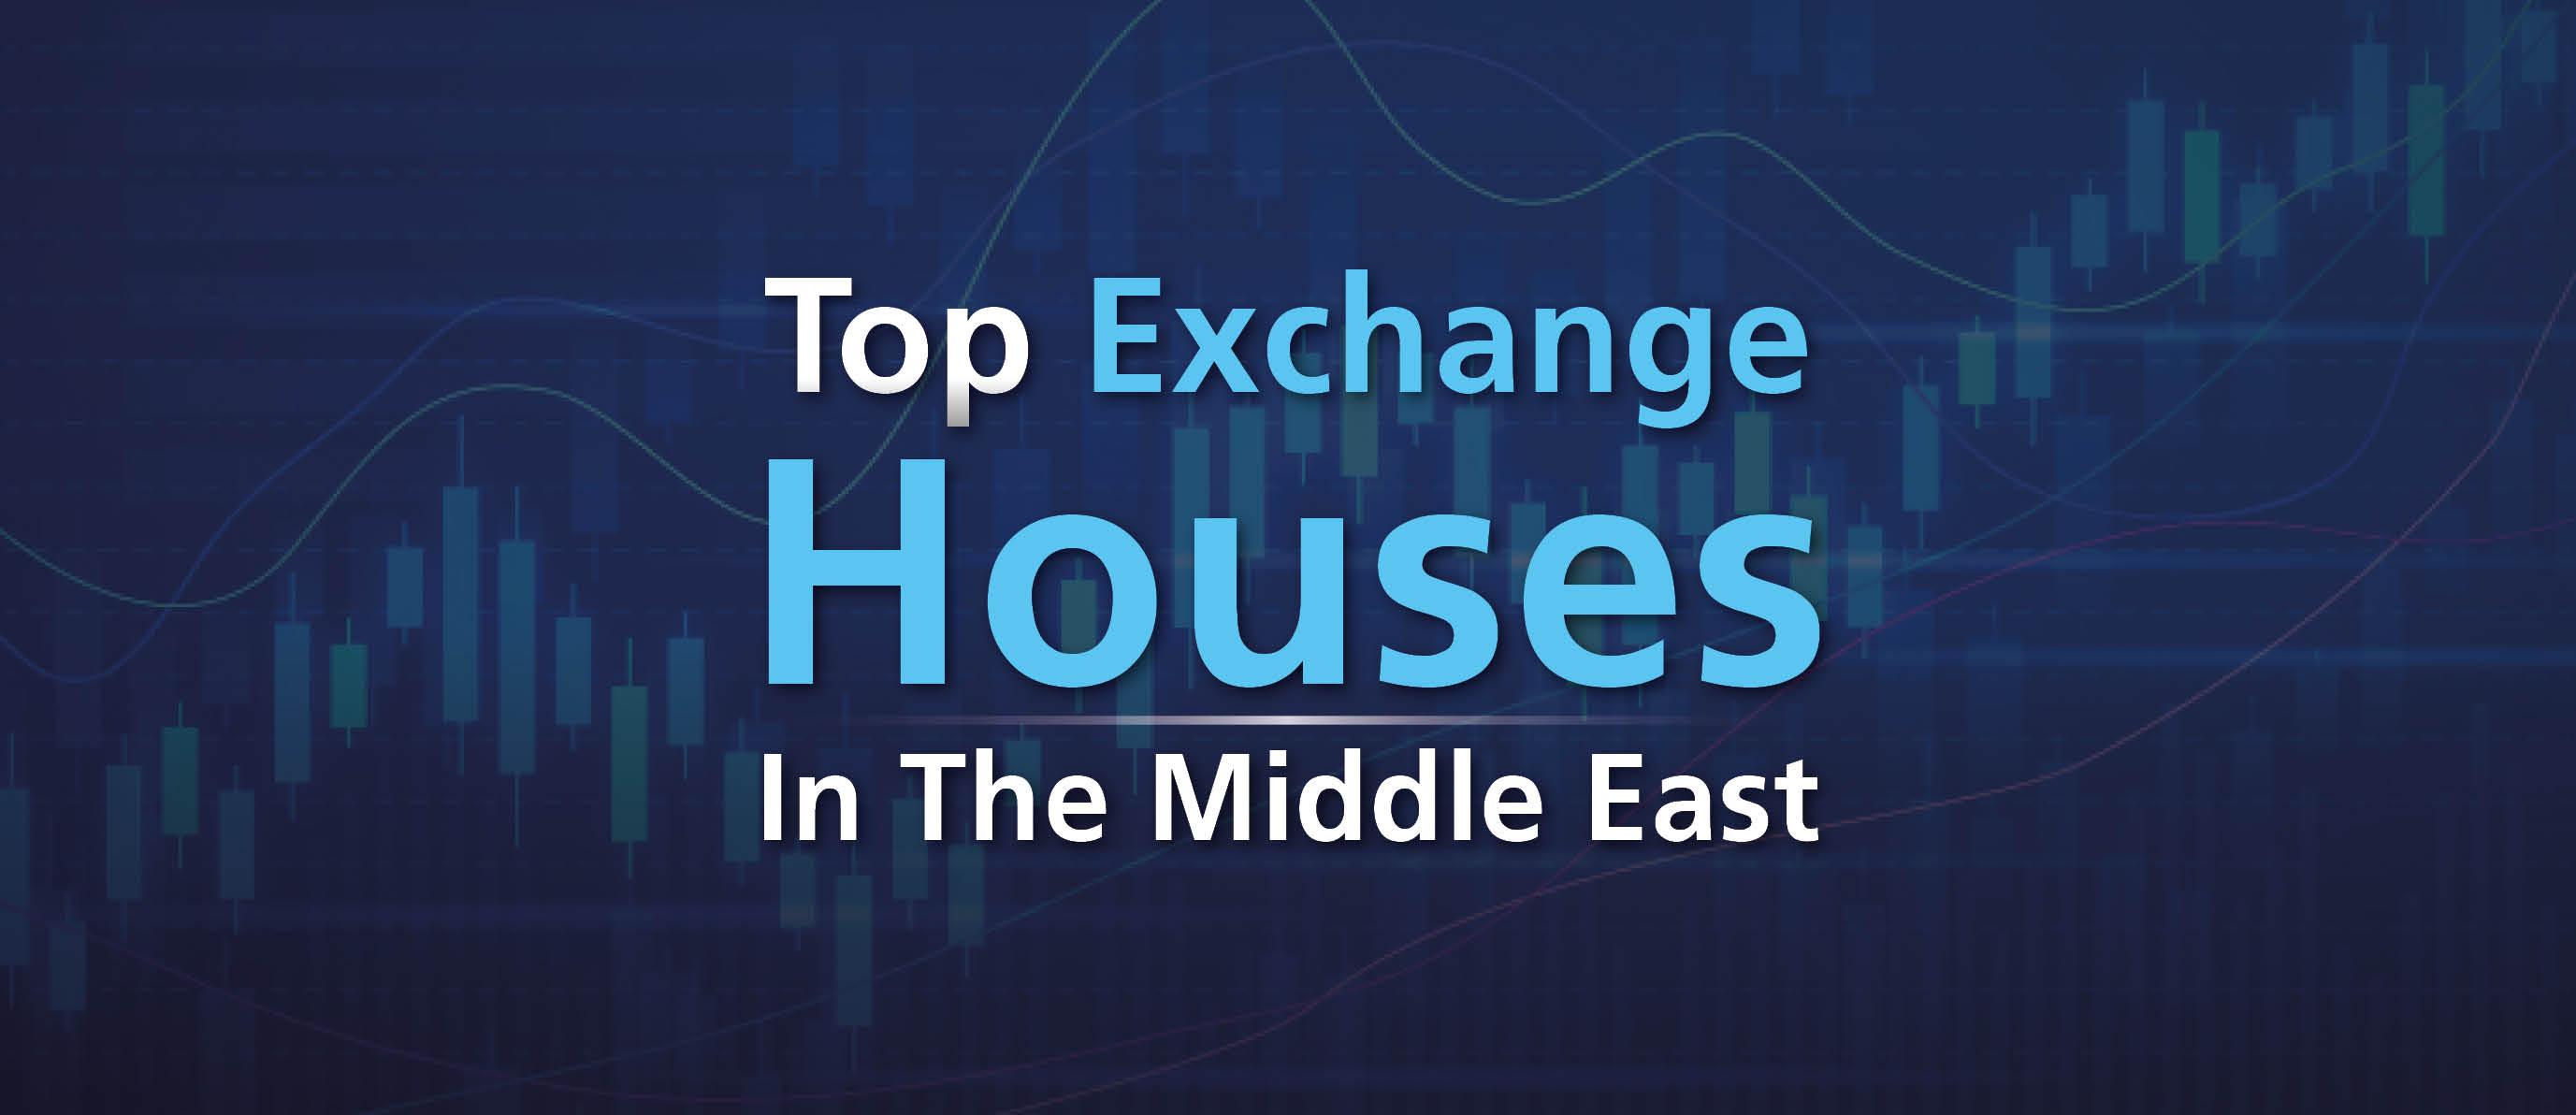 أقوى شركات الصرافة في الشرق الأوسط